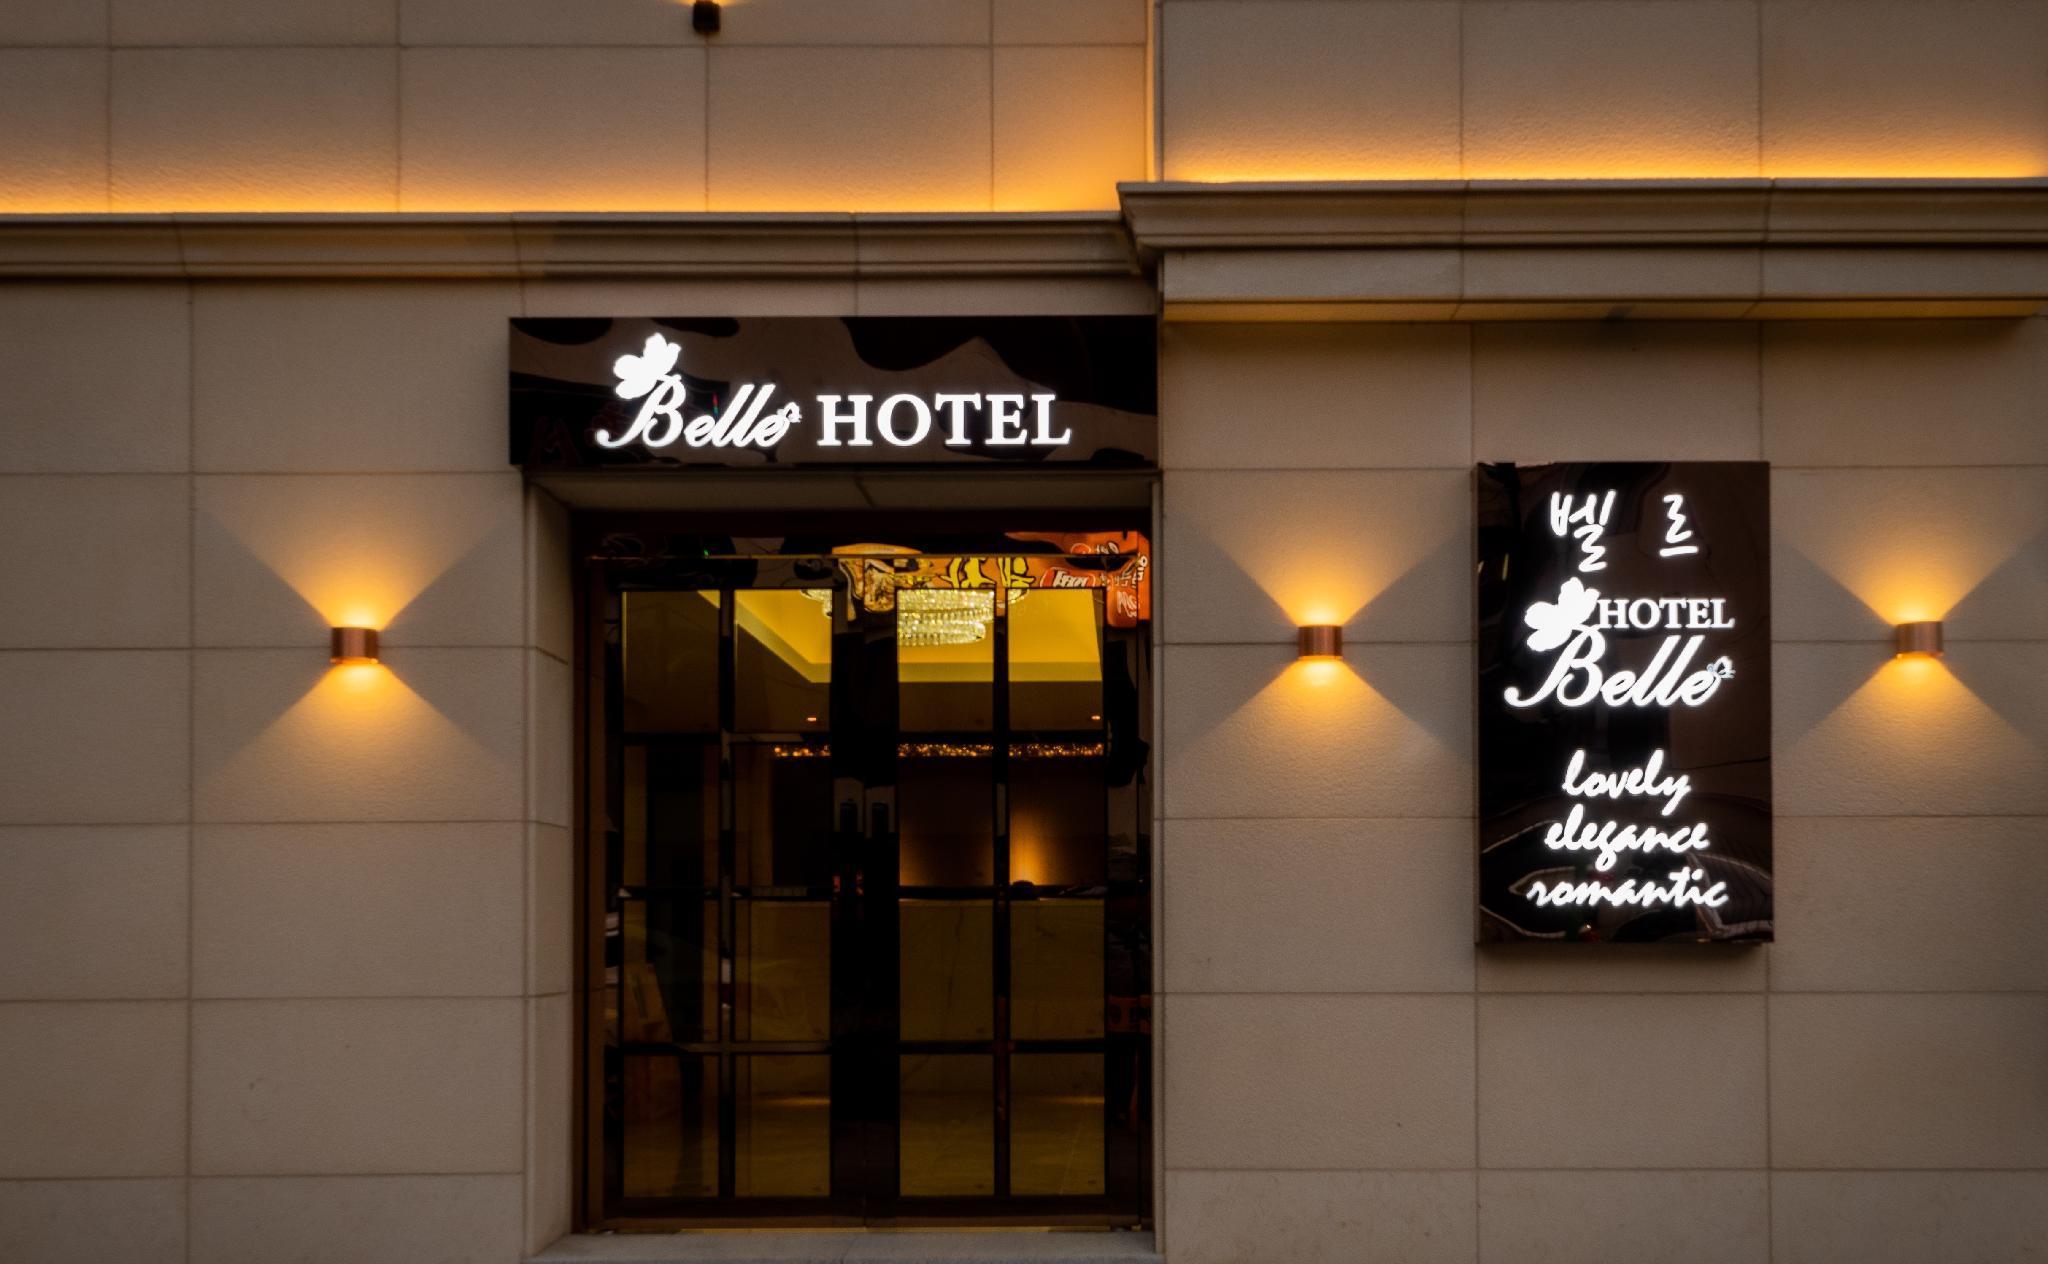 Pyeongtaek Belle Hotel